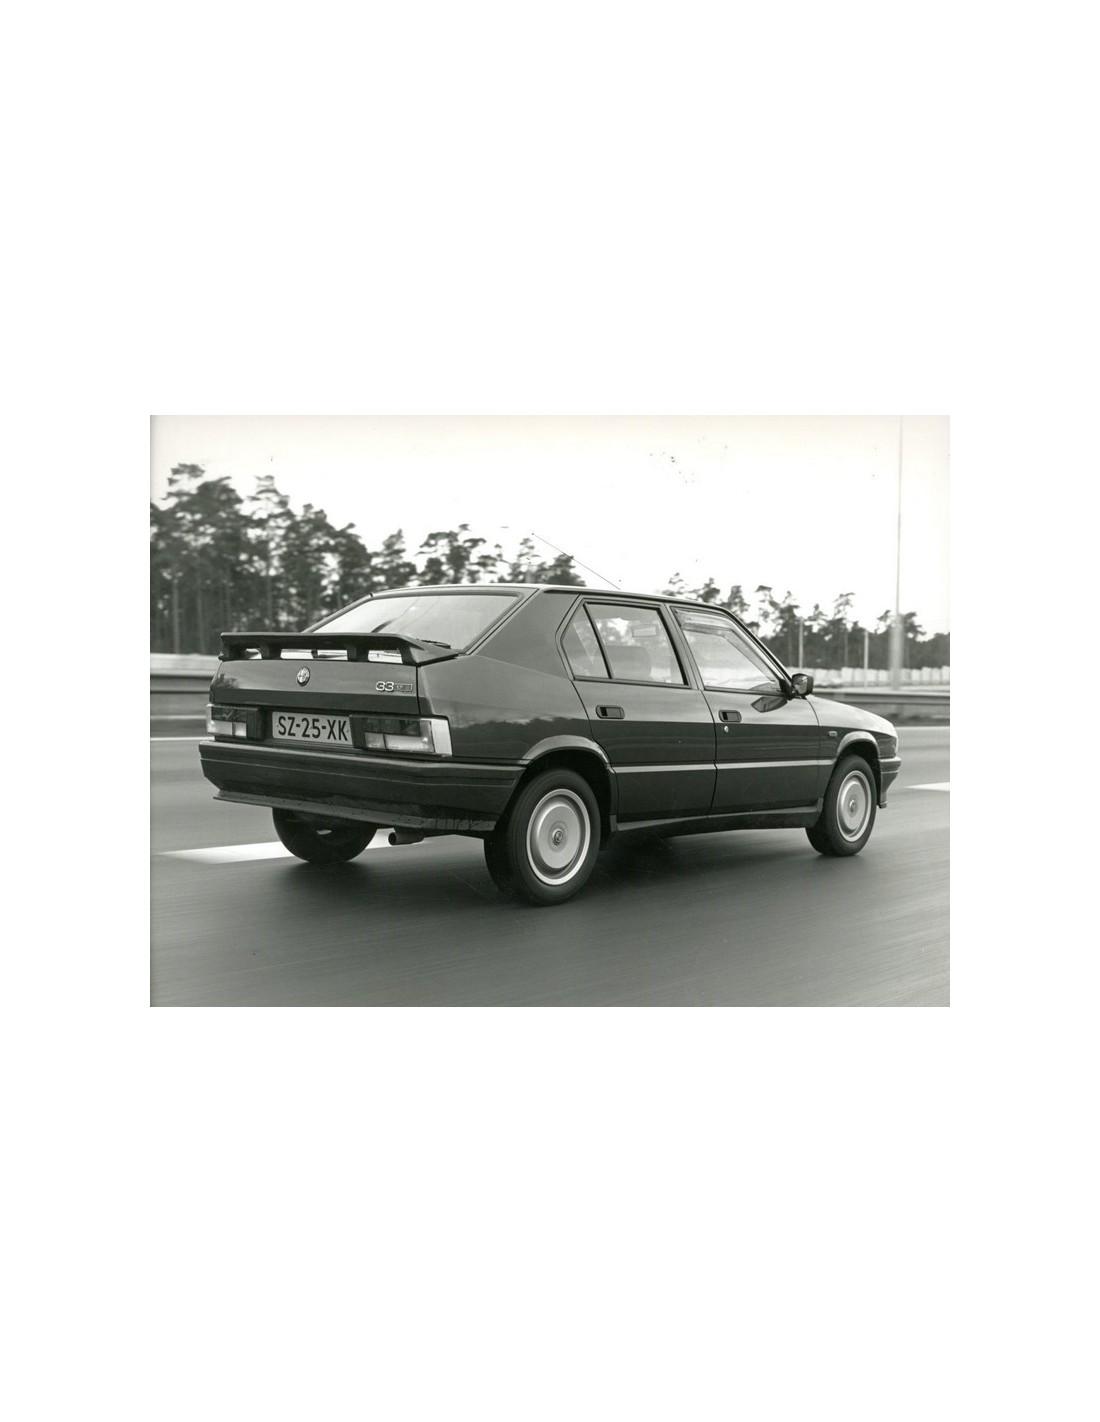 1989 ALFA ROMEO 33 1.7 QV PRESS PHOTO